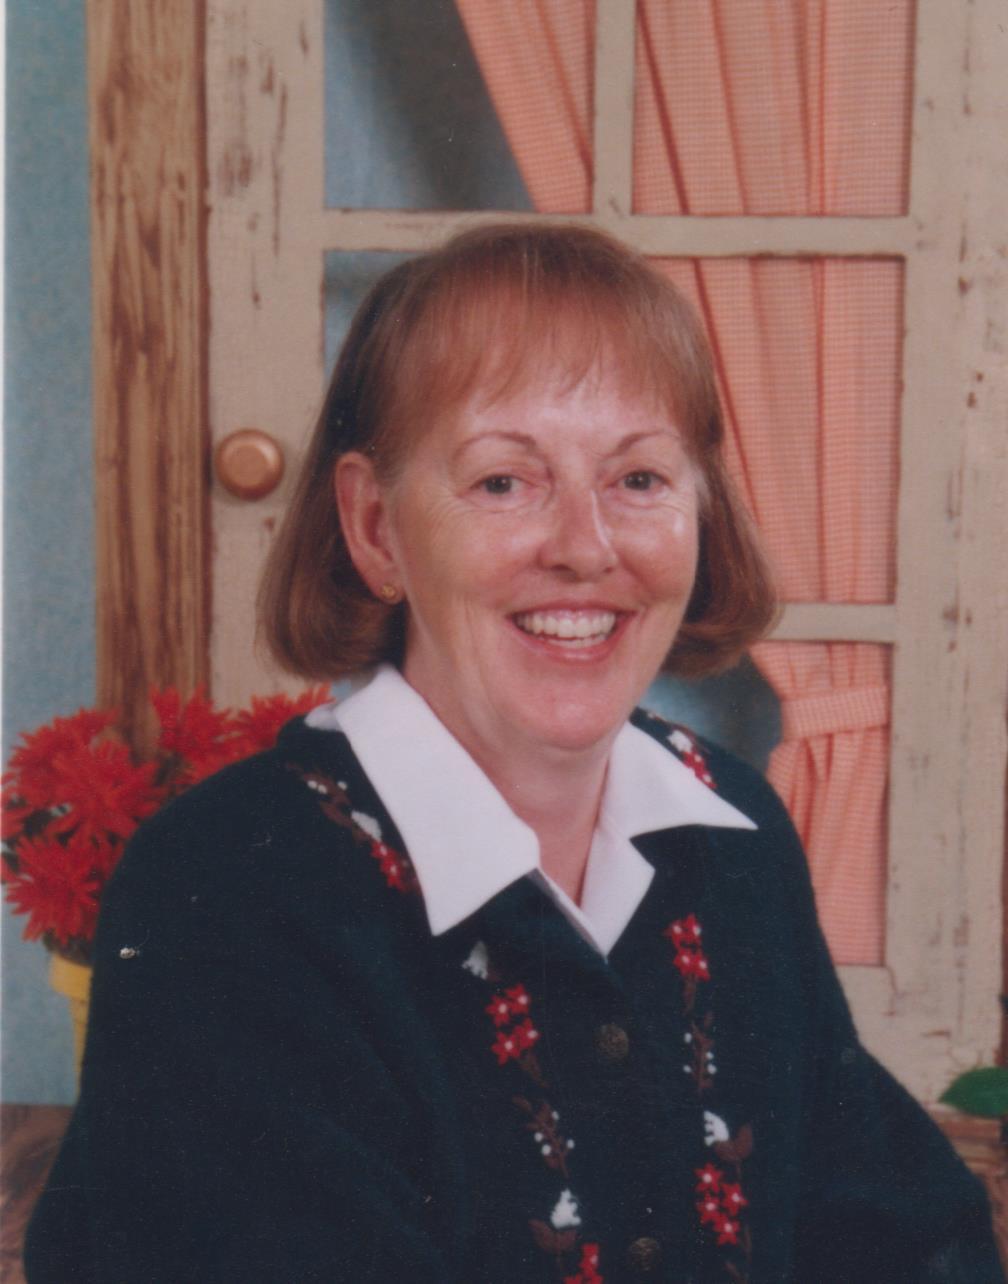 Ginette Potvin Chaput - 11 janvier 1941 - 24 décembre 2016